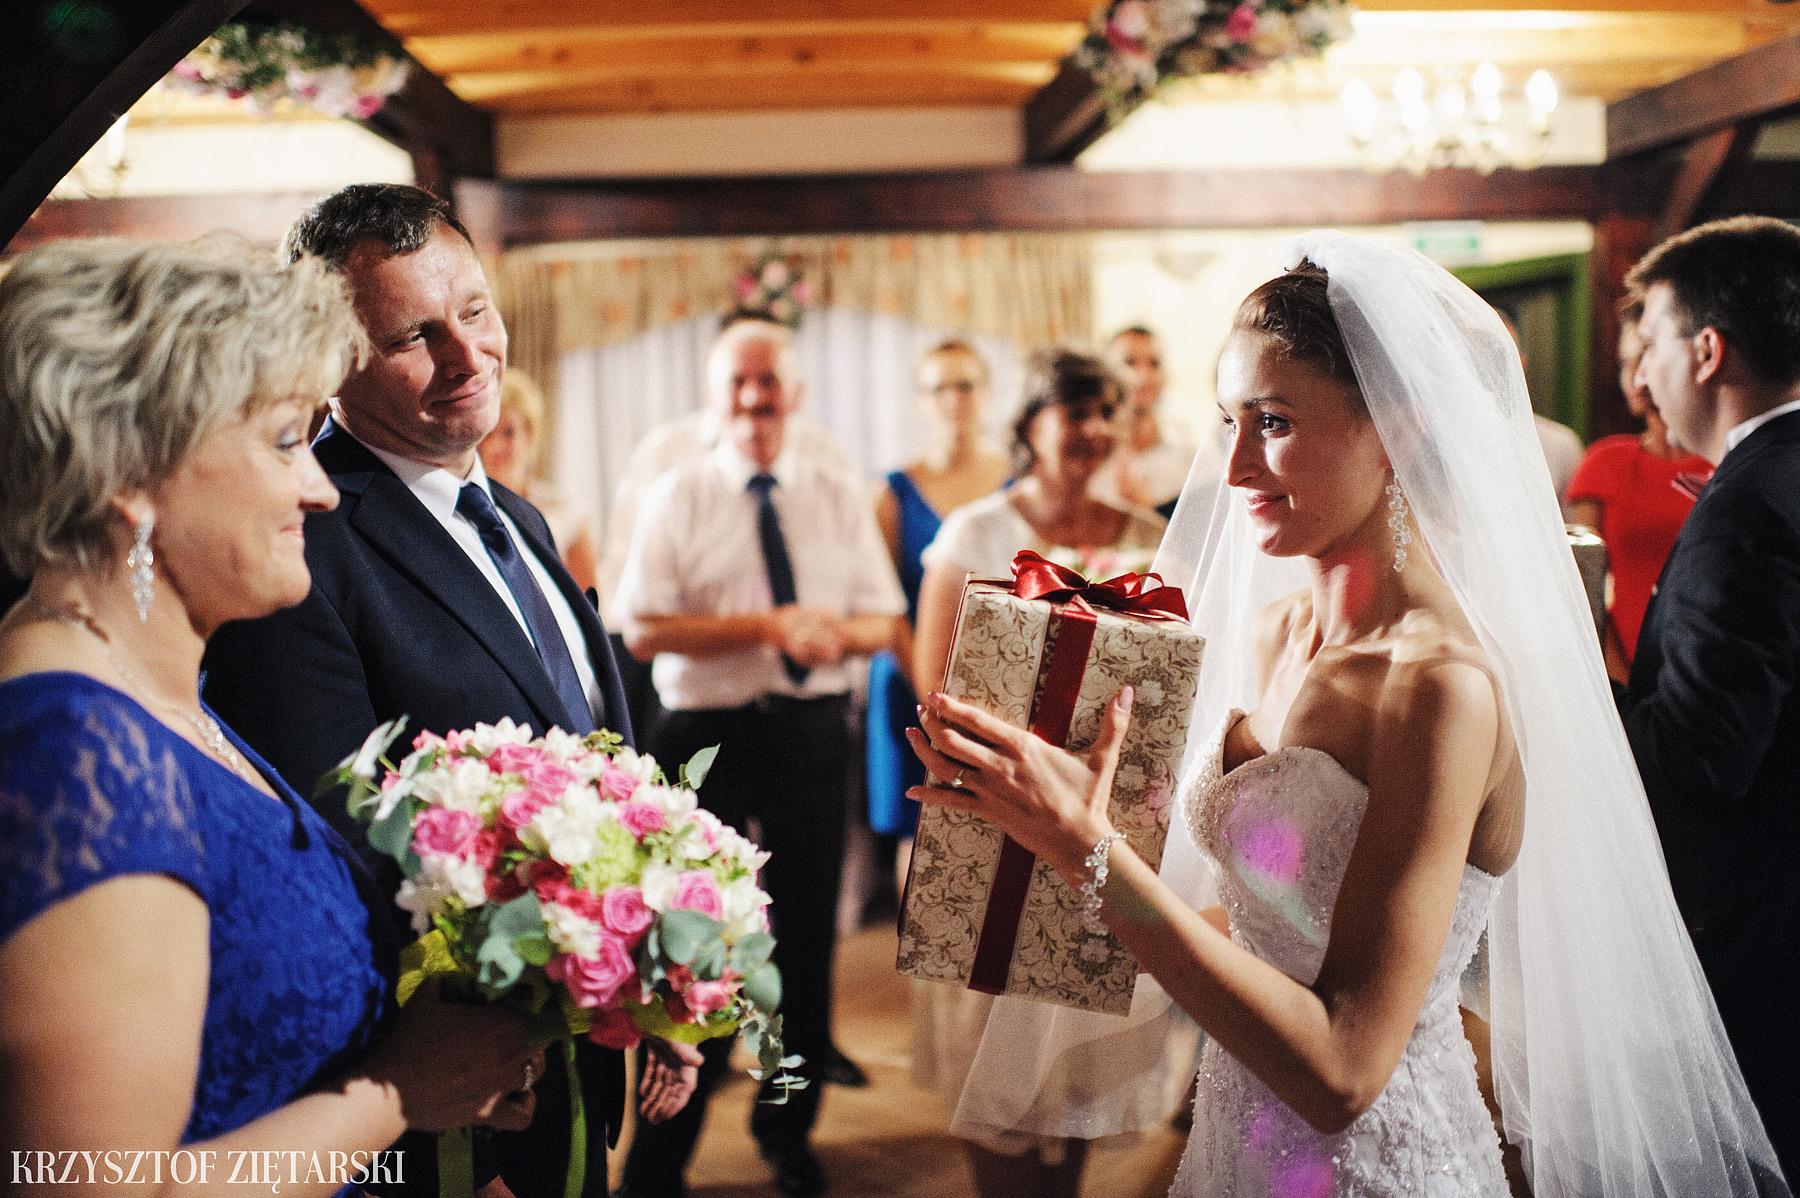 Karolina i Jacek - Fotografia ślubna Gdańsk, Chwaszczyno, Gościniec dla Przyjaciół Wyczechowo Hilary - 55.